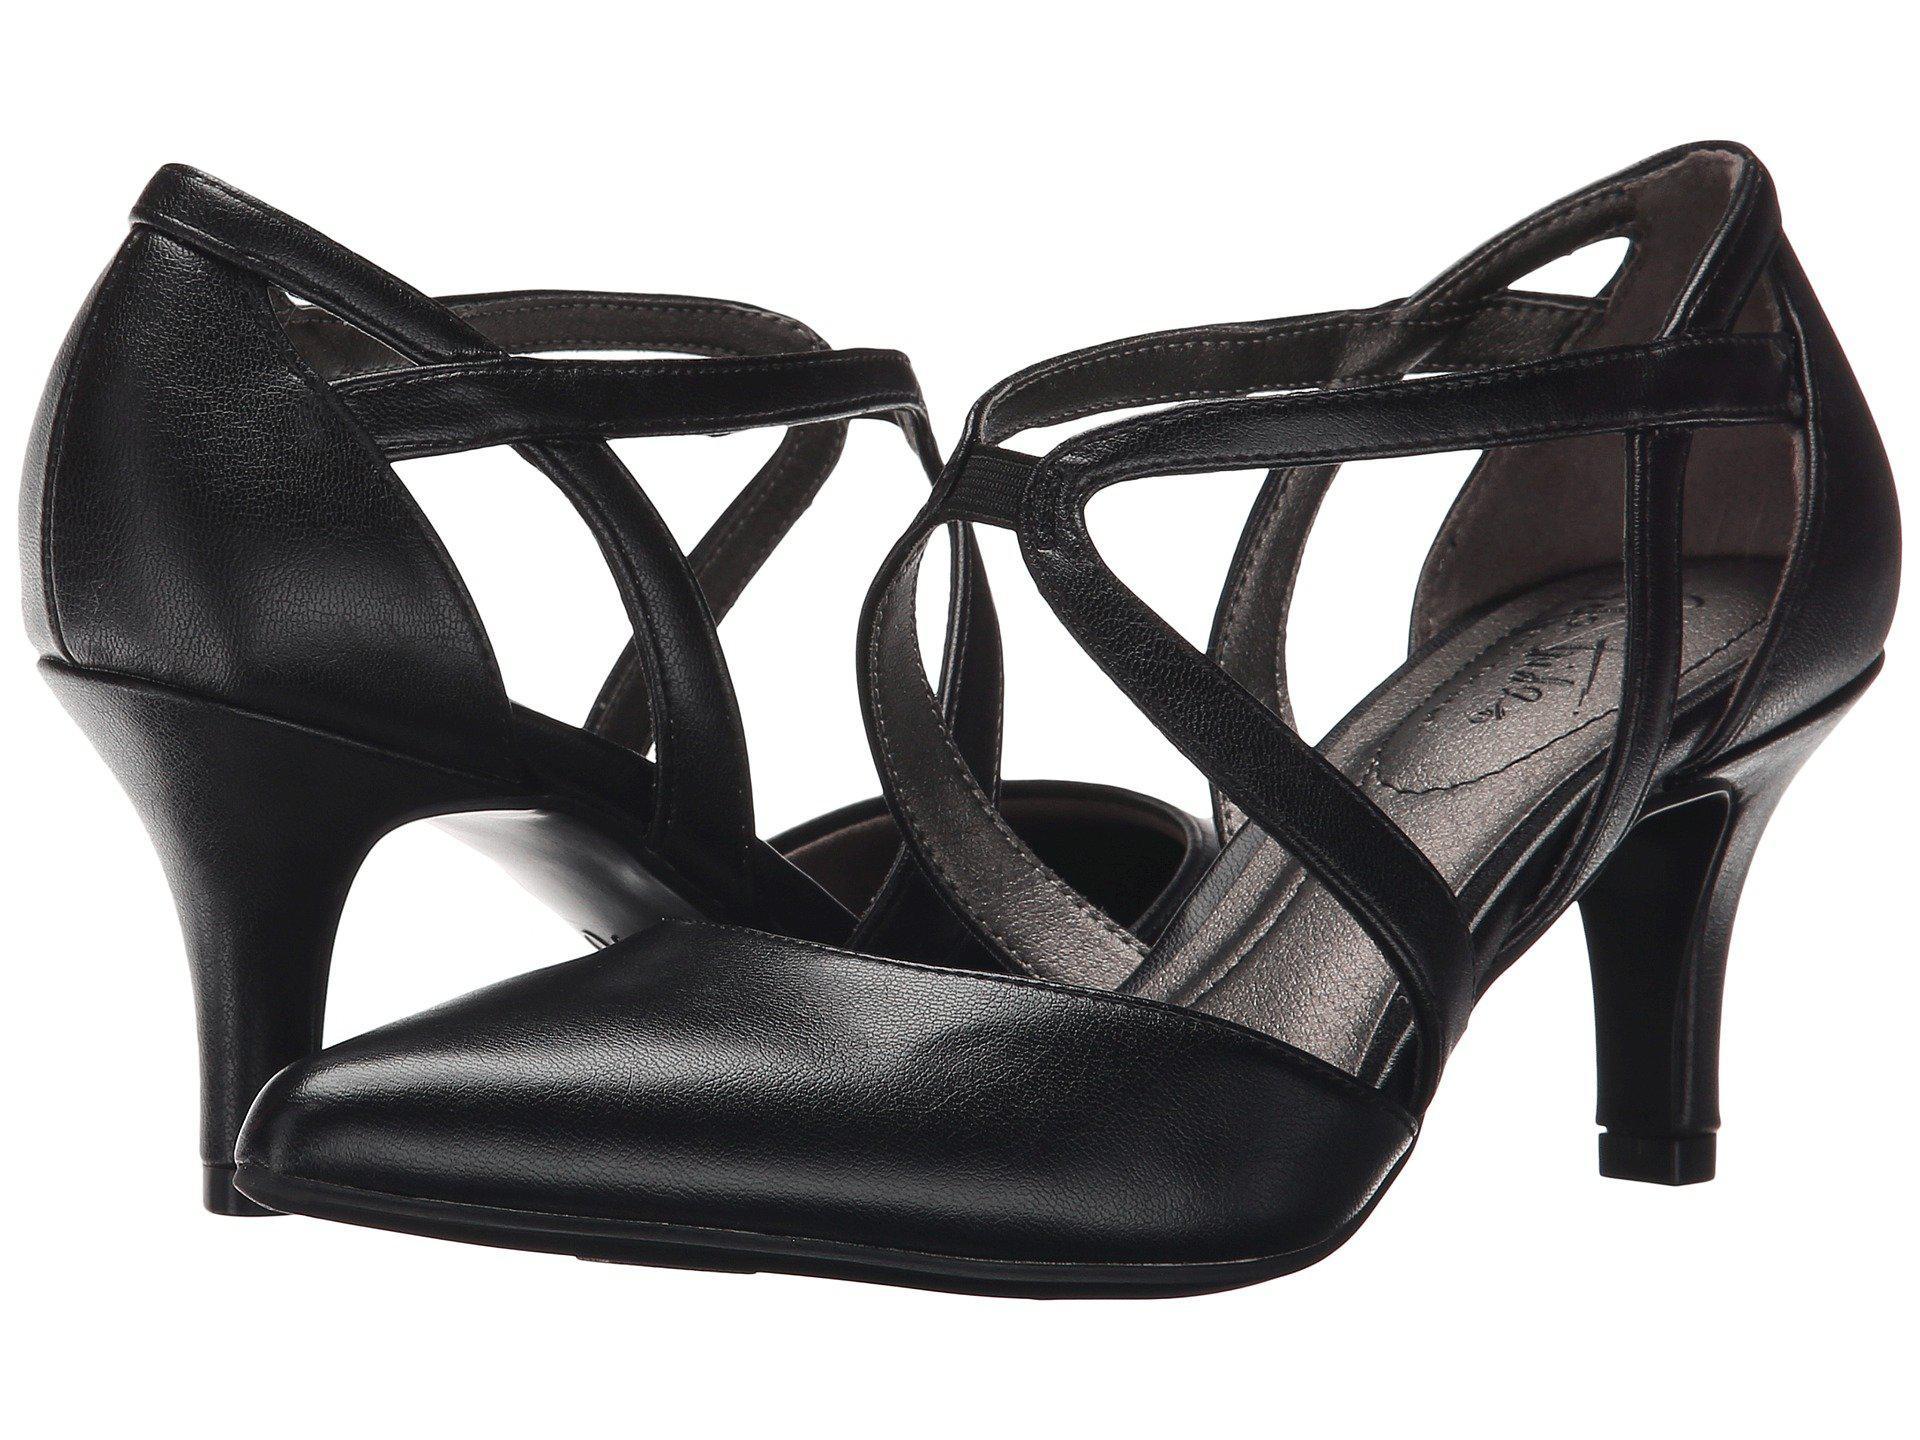 df66d427ee8c Lyst - LifeStride Seamless (black Micro) High Heels in Black - Save 13%